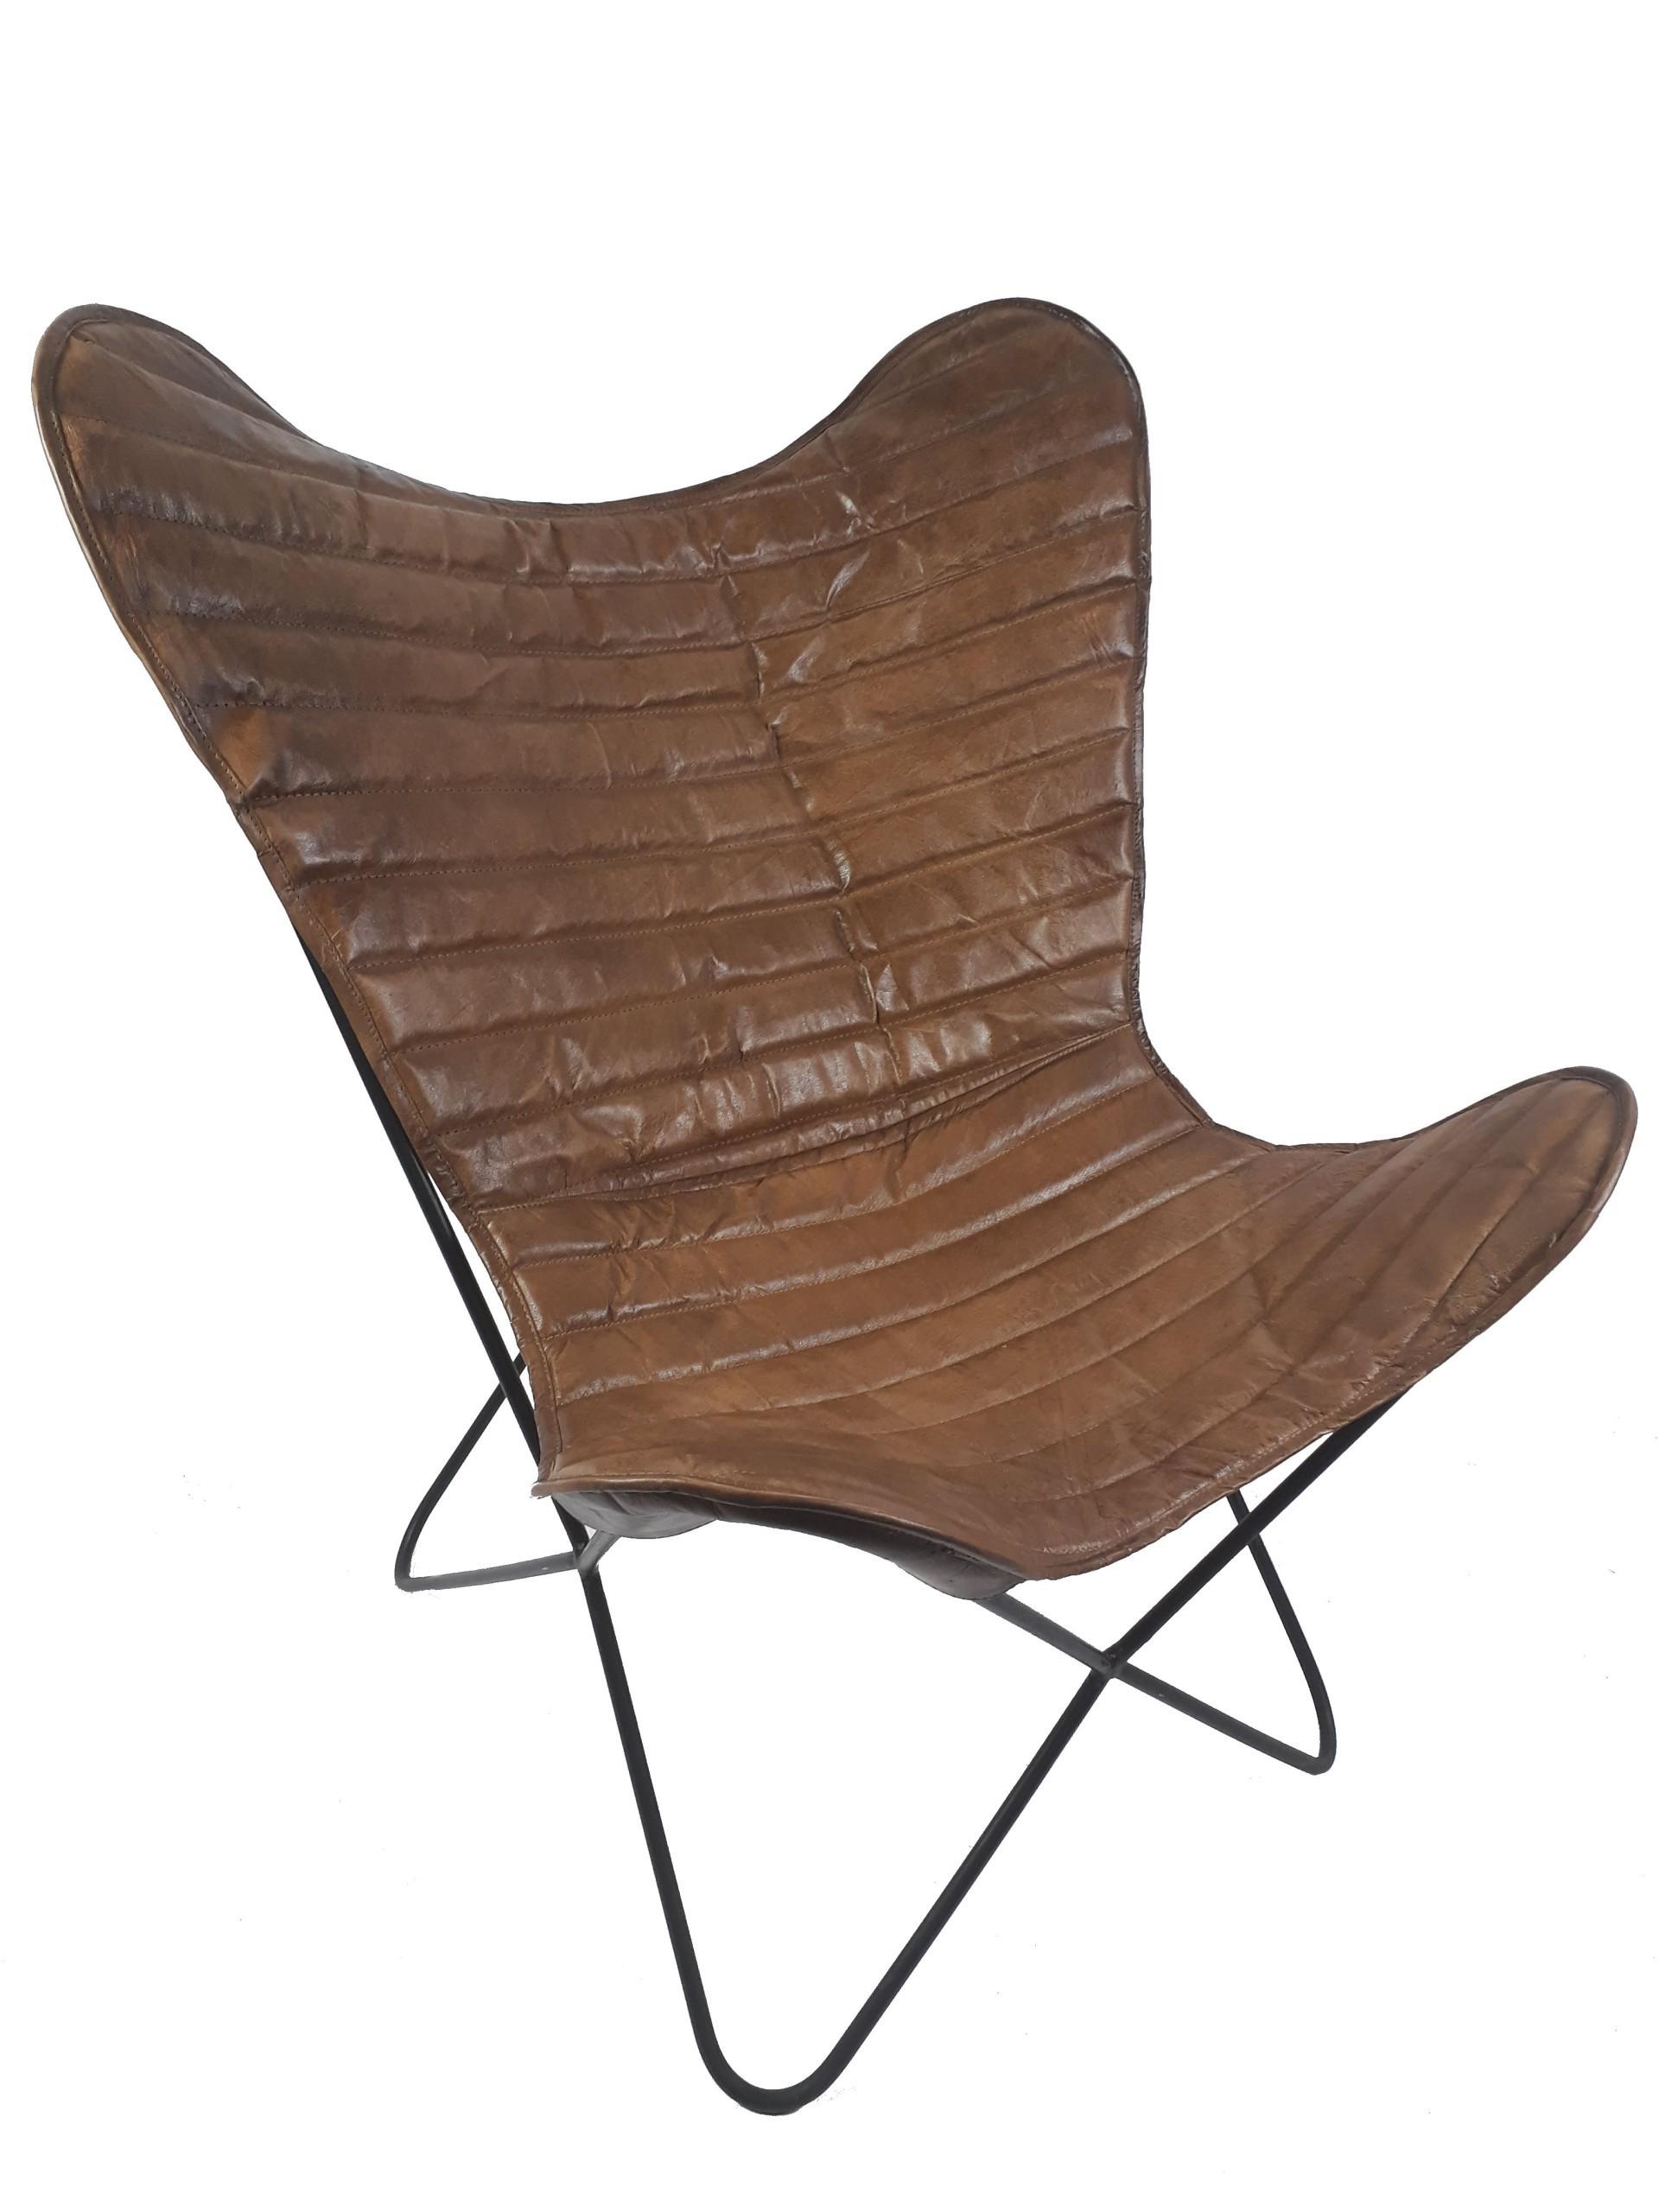 Vintage Sessel Butterfly Eco Leder Loungesessel – Möbel – Stühle